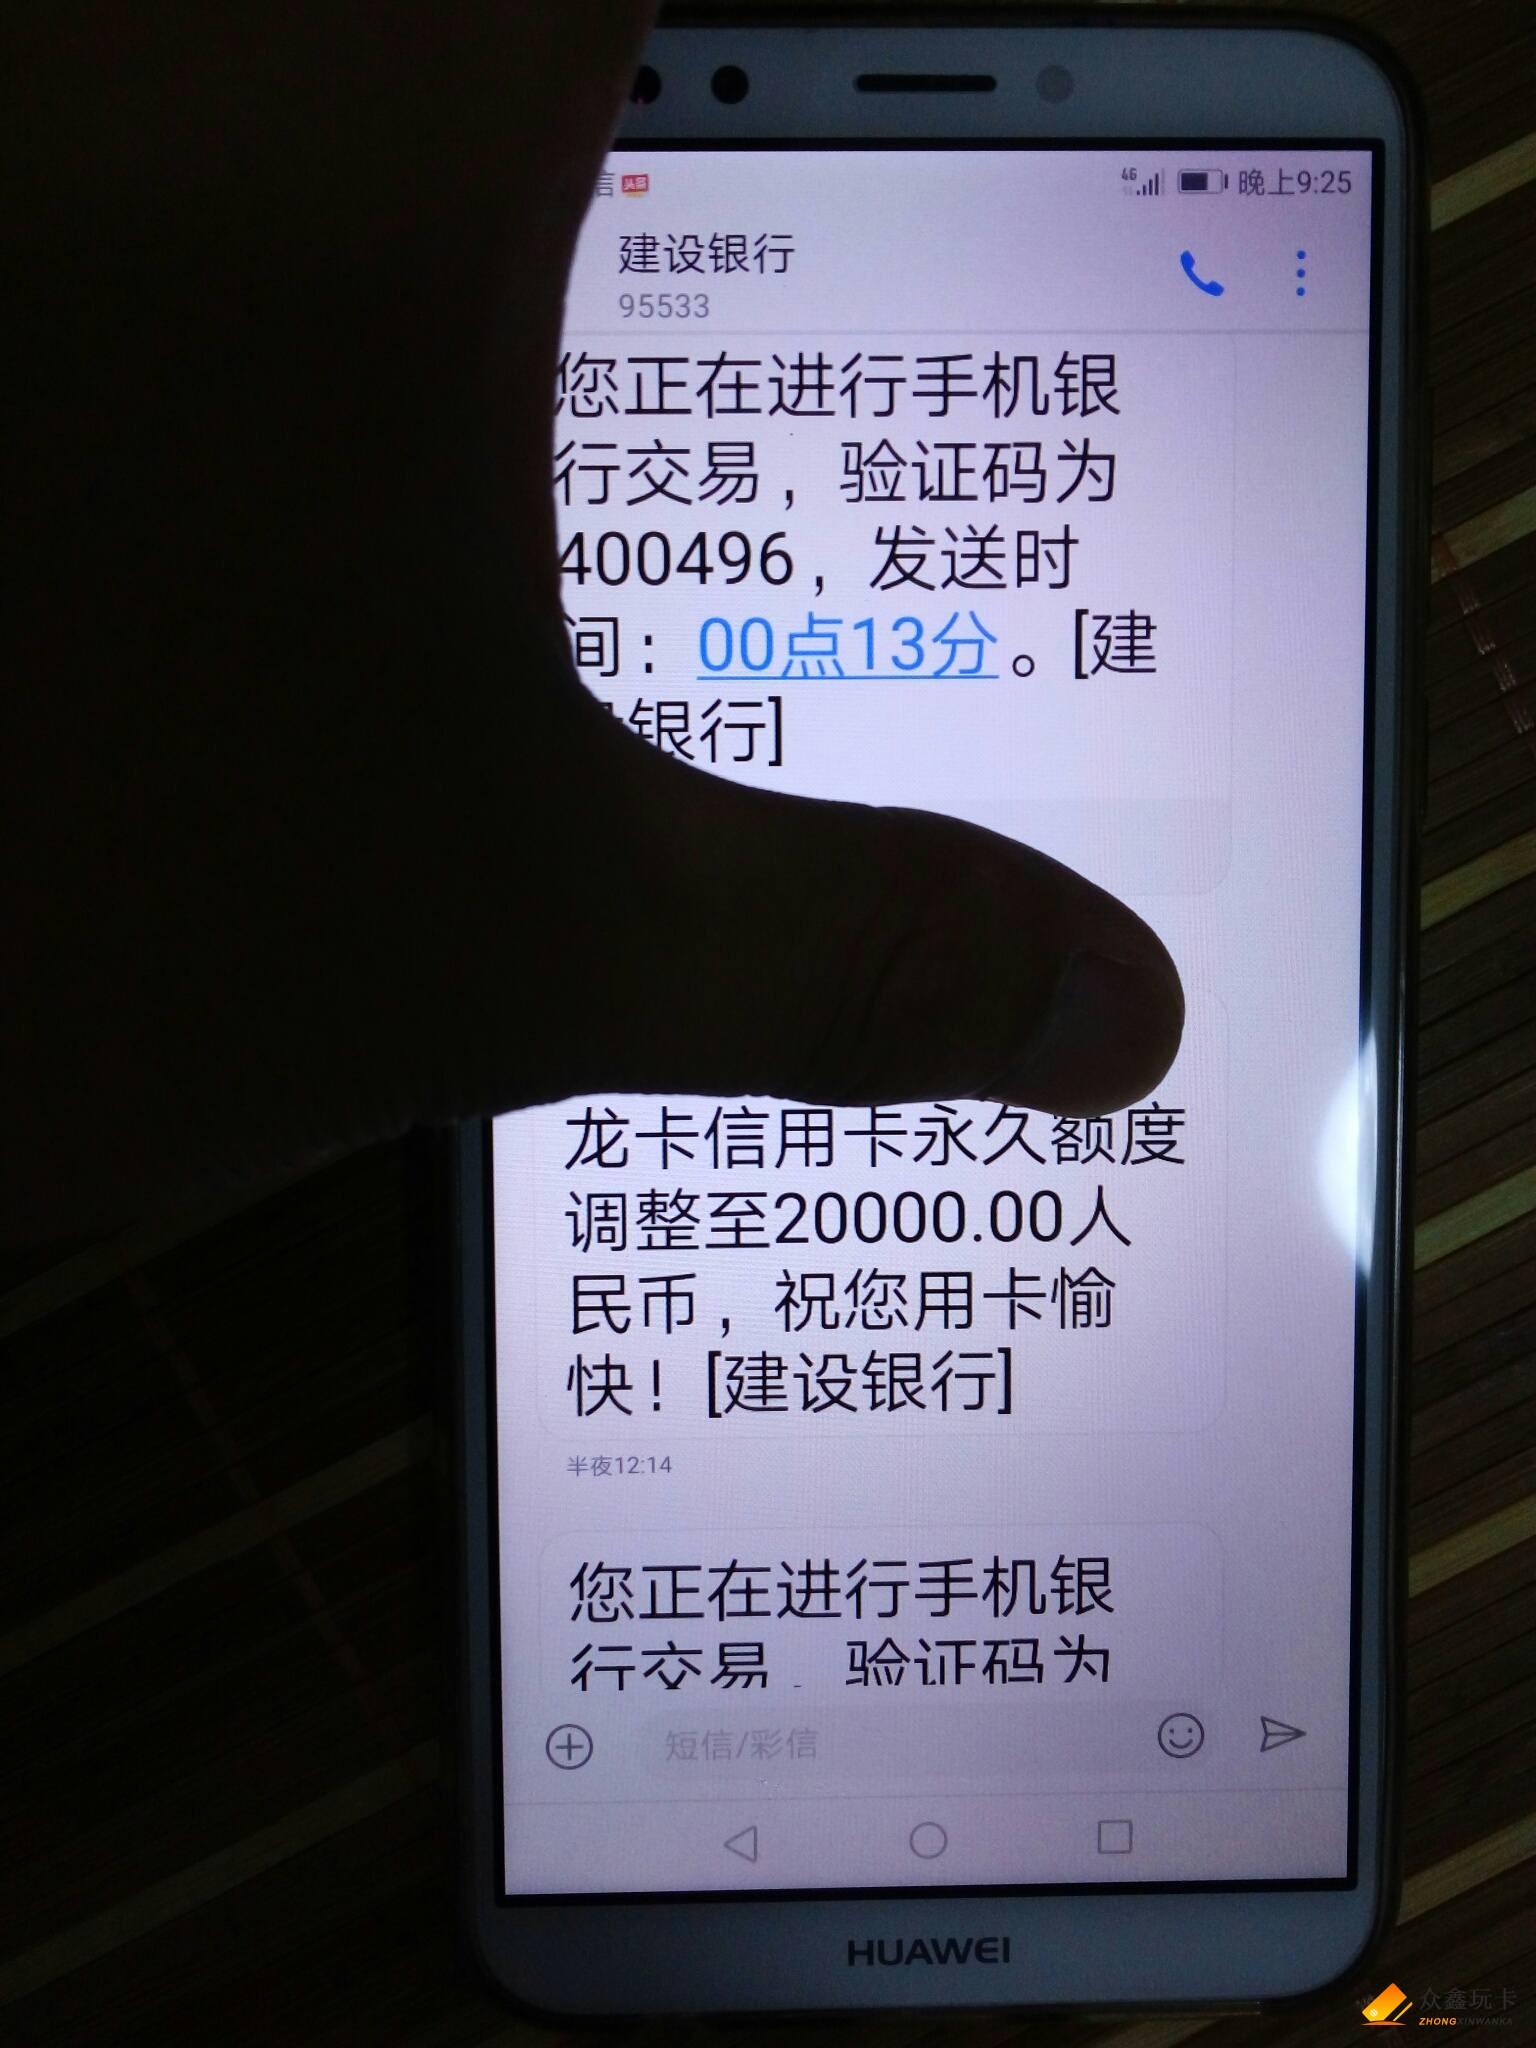 4CDA8F36D07440D2BDA7346EC15B92A1.jpg